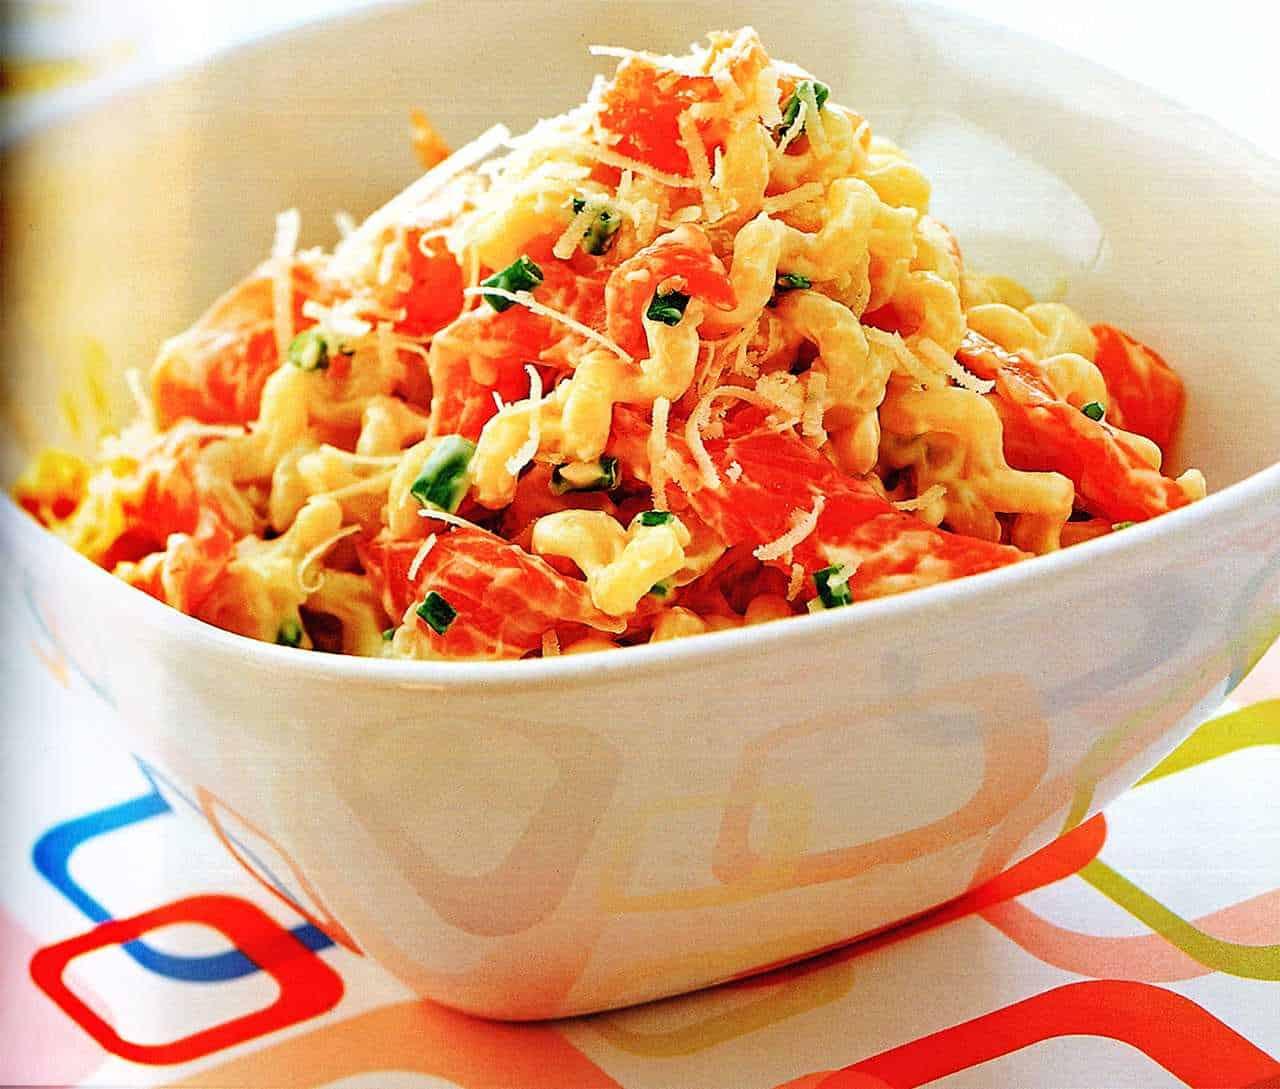 sauce for salmon cream pasta recipe-salmon and pasta recipe www.eatopic.com